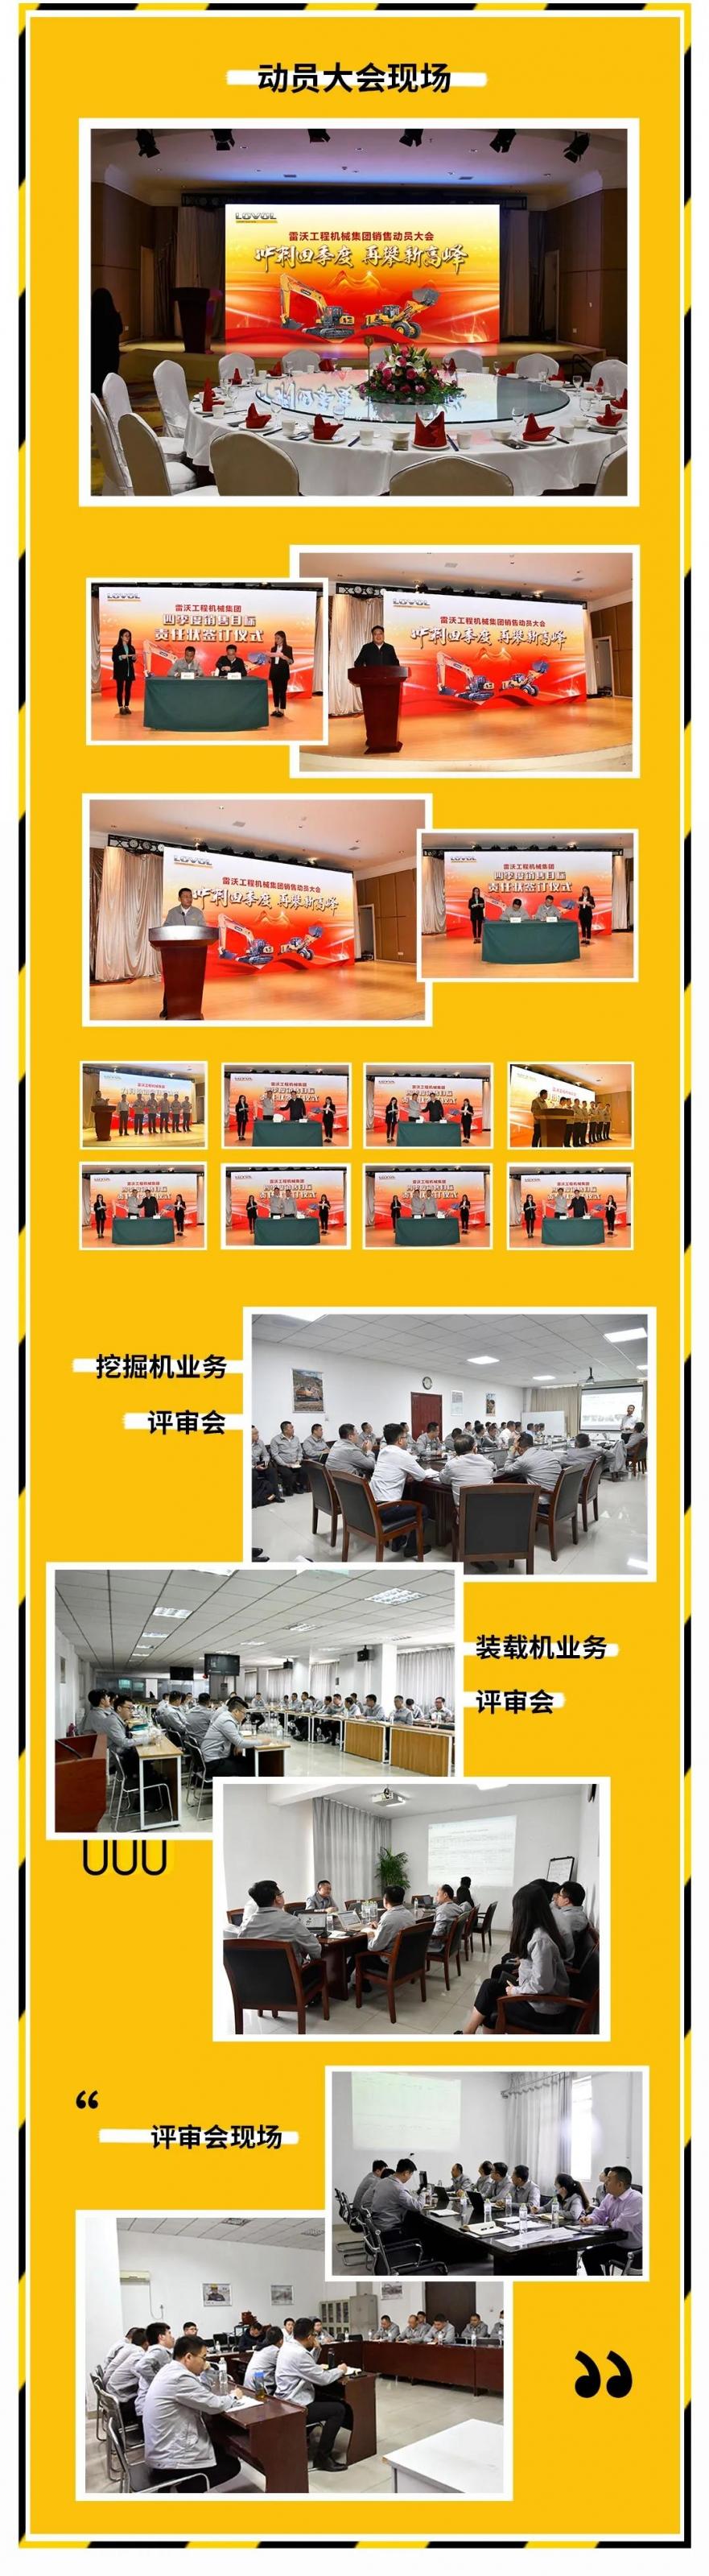 """雷沃工程机械营销业务团队吹响""""决战四季度""""集结号!"""